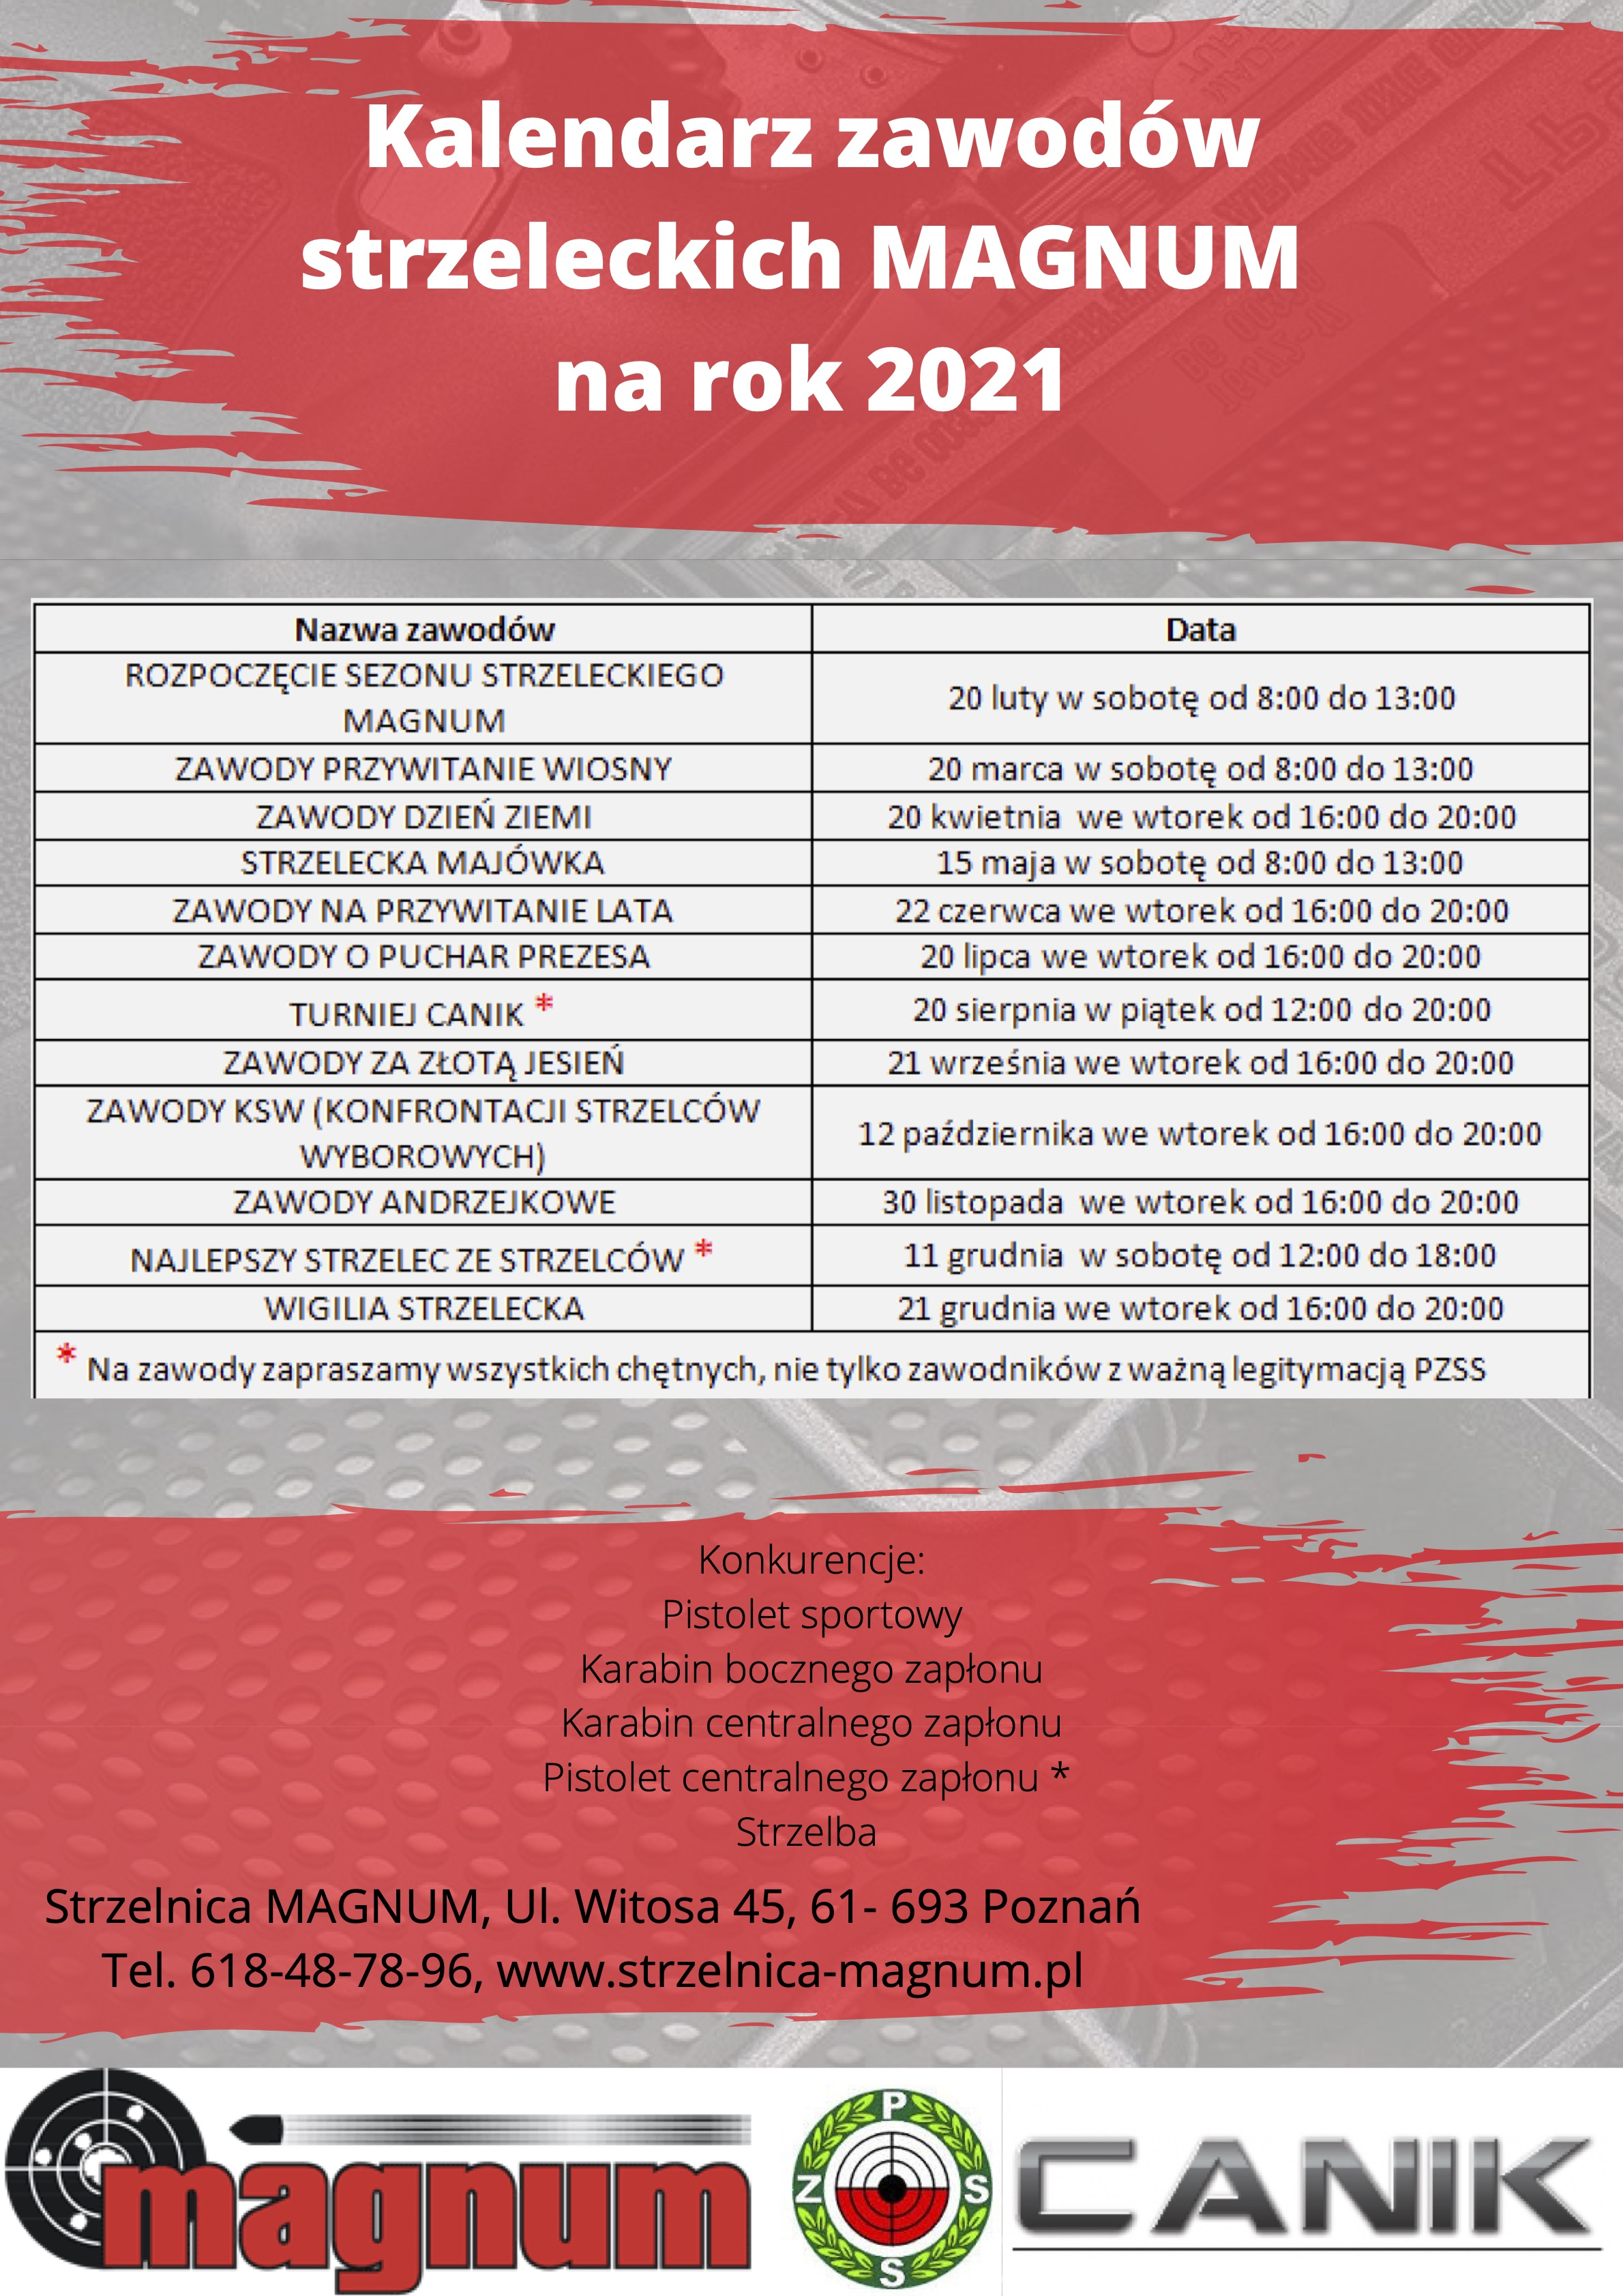 Kalendarz zawodów strzeleckich MAGNUM na rok 2020(1)